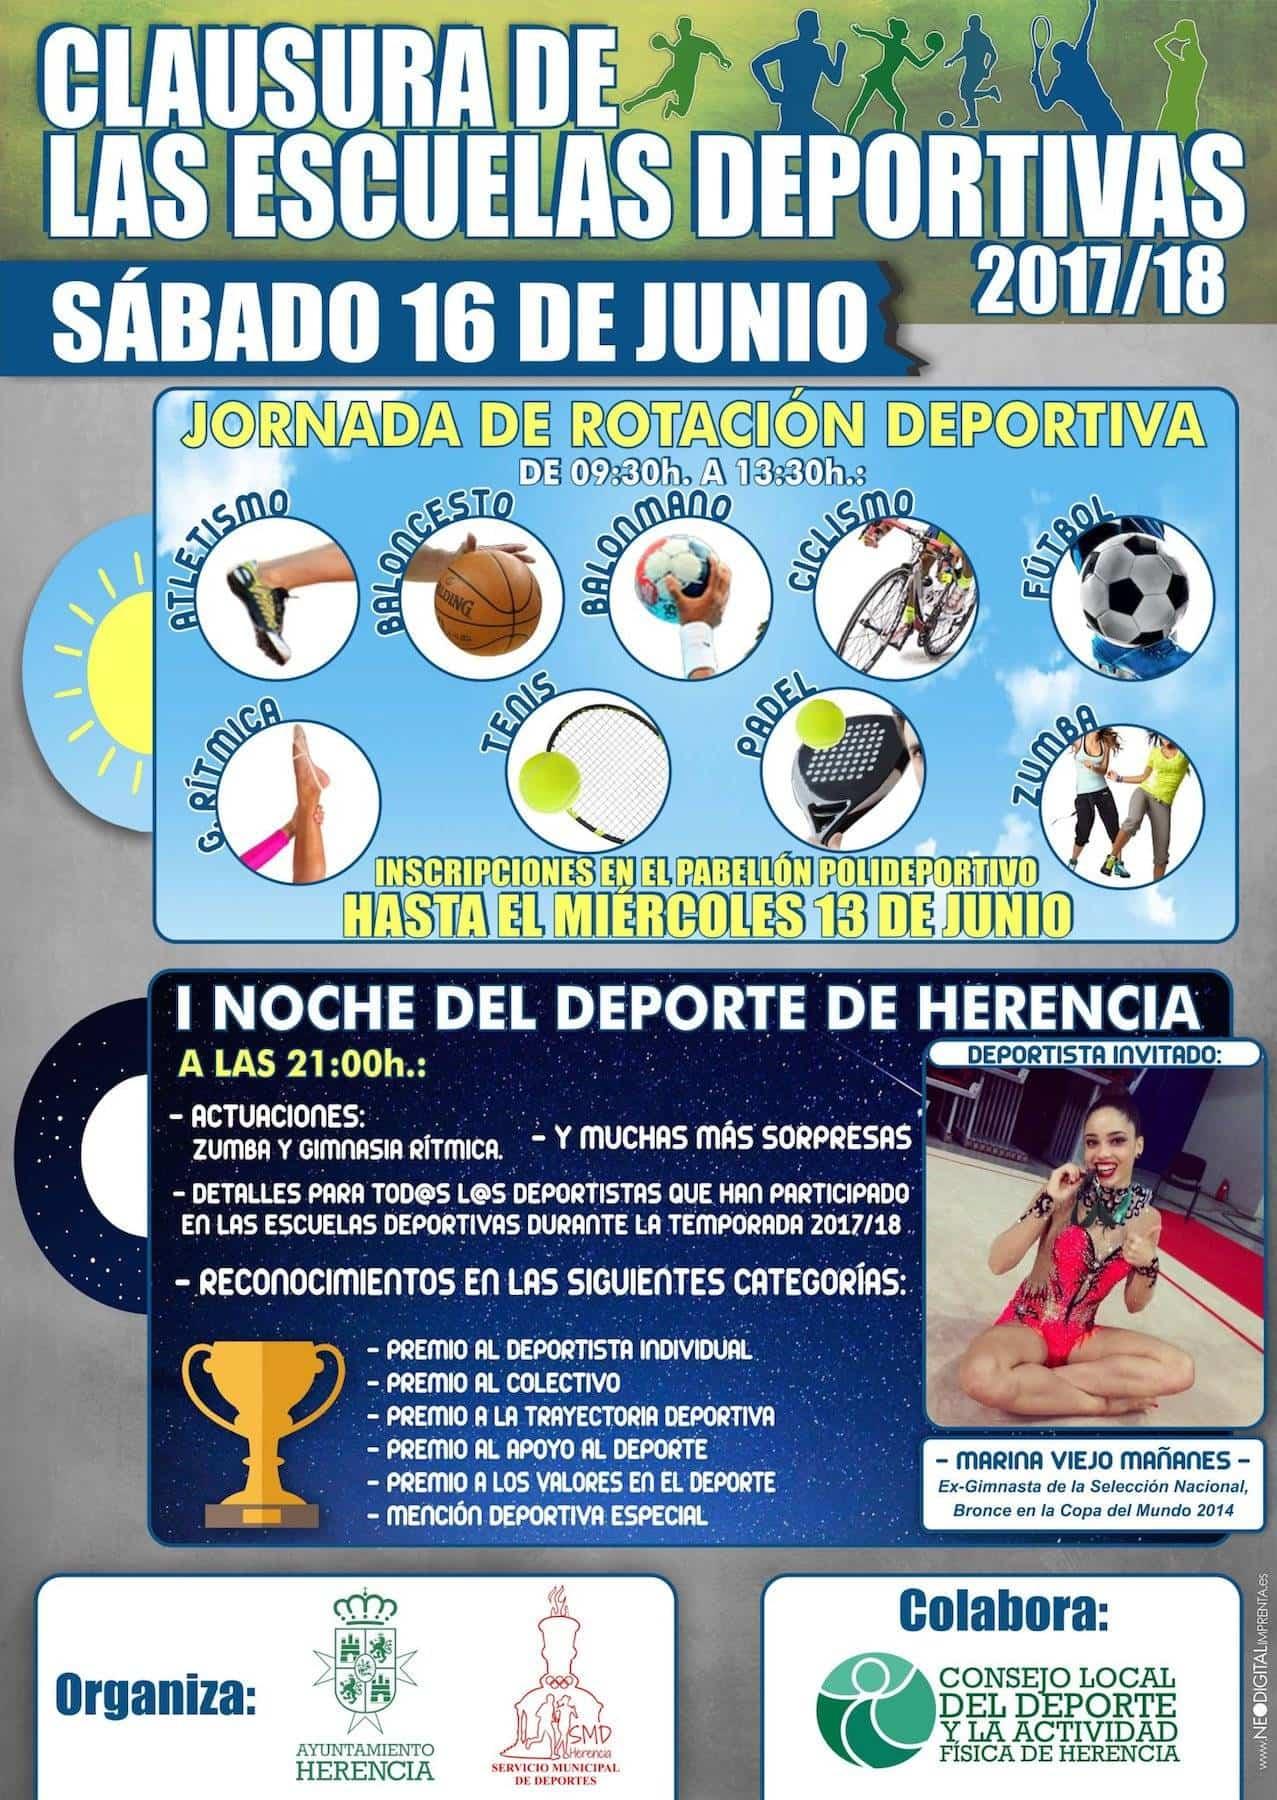 clausura escuelas deportivas y noche deporte herencia - Clausura de las Escuelas Deportivas y la I Noche del Deporte